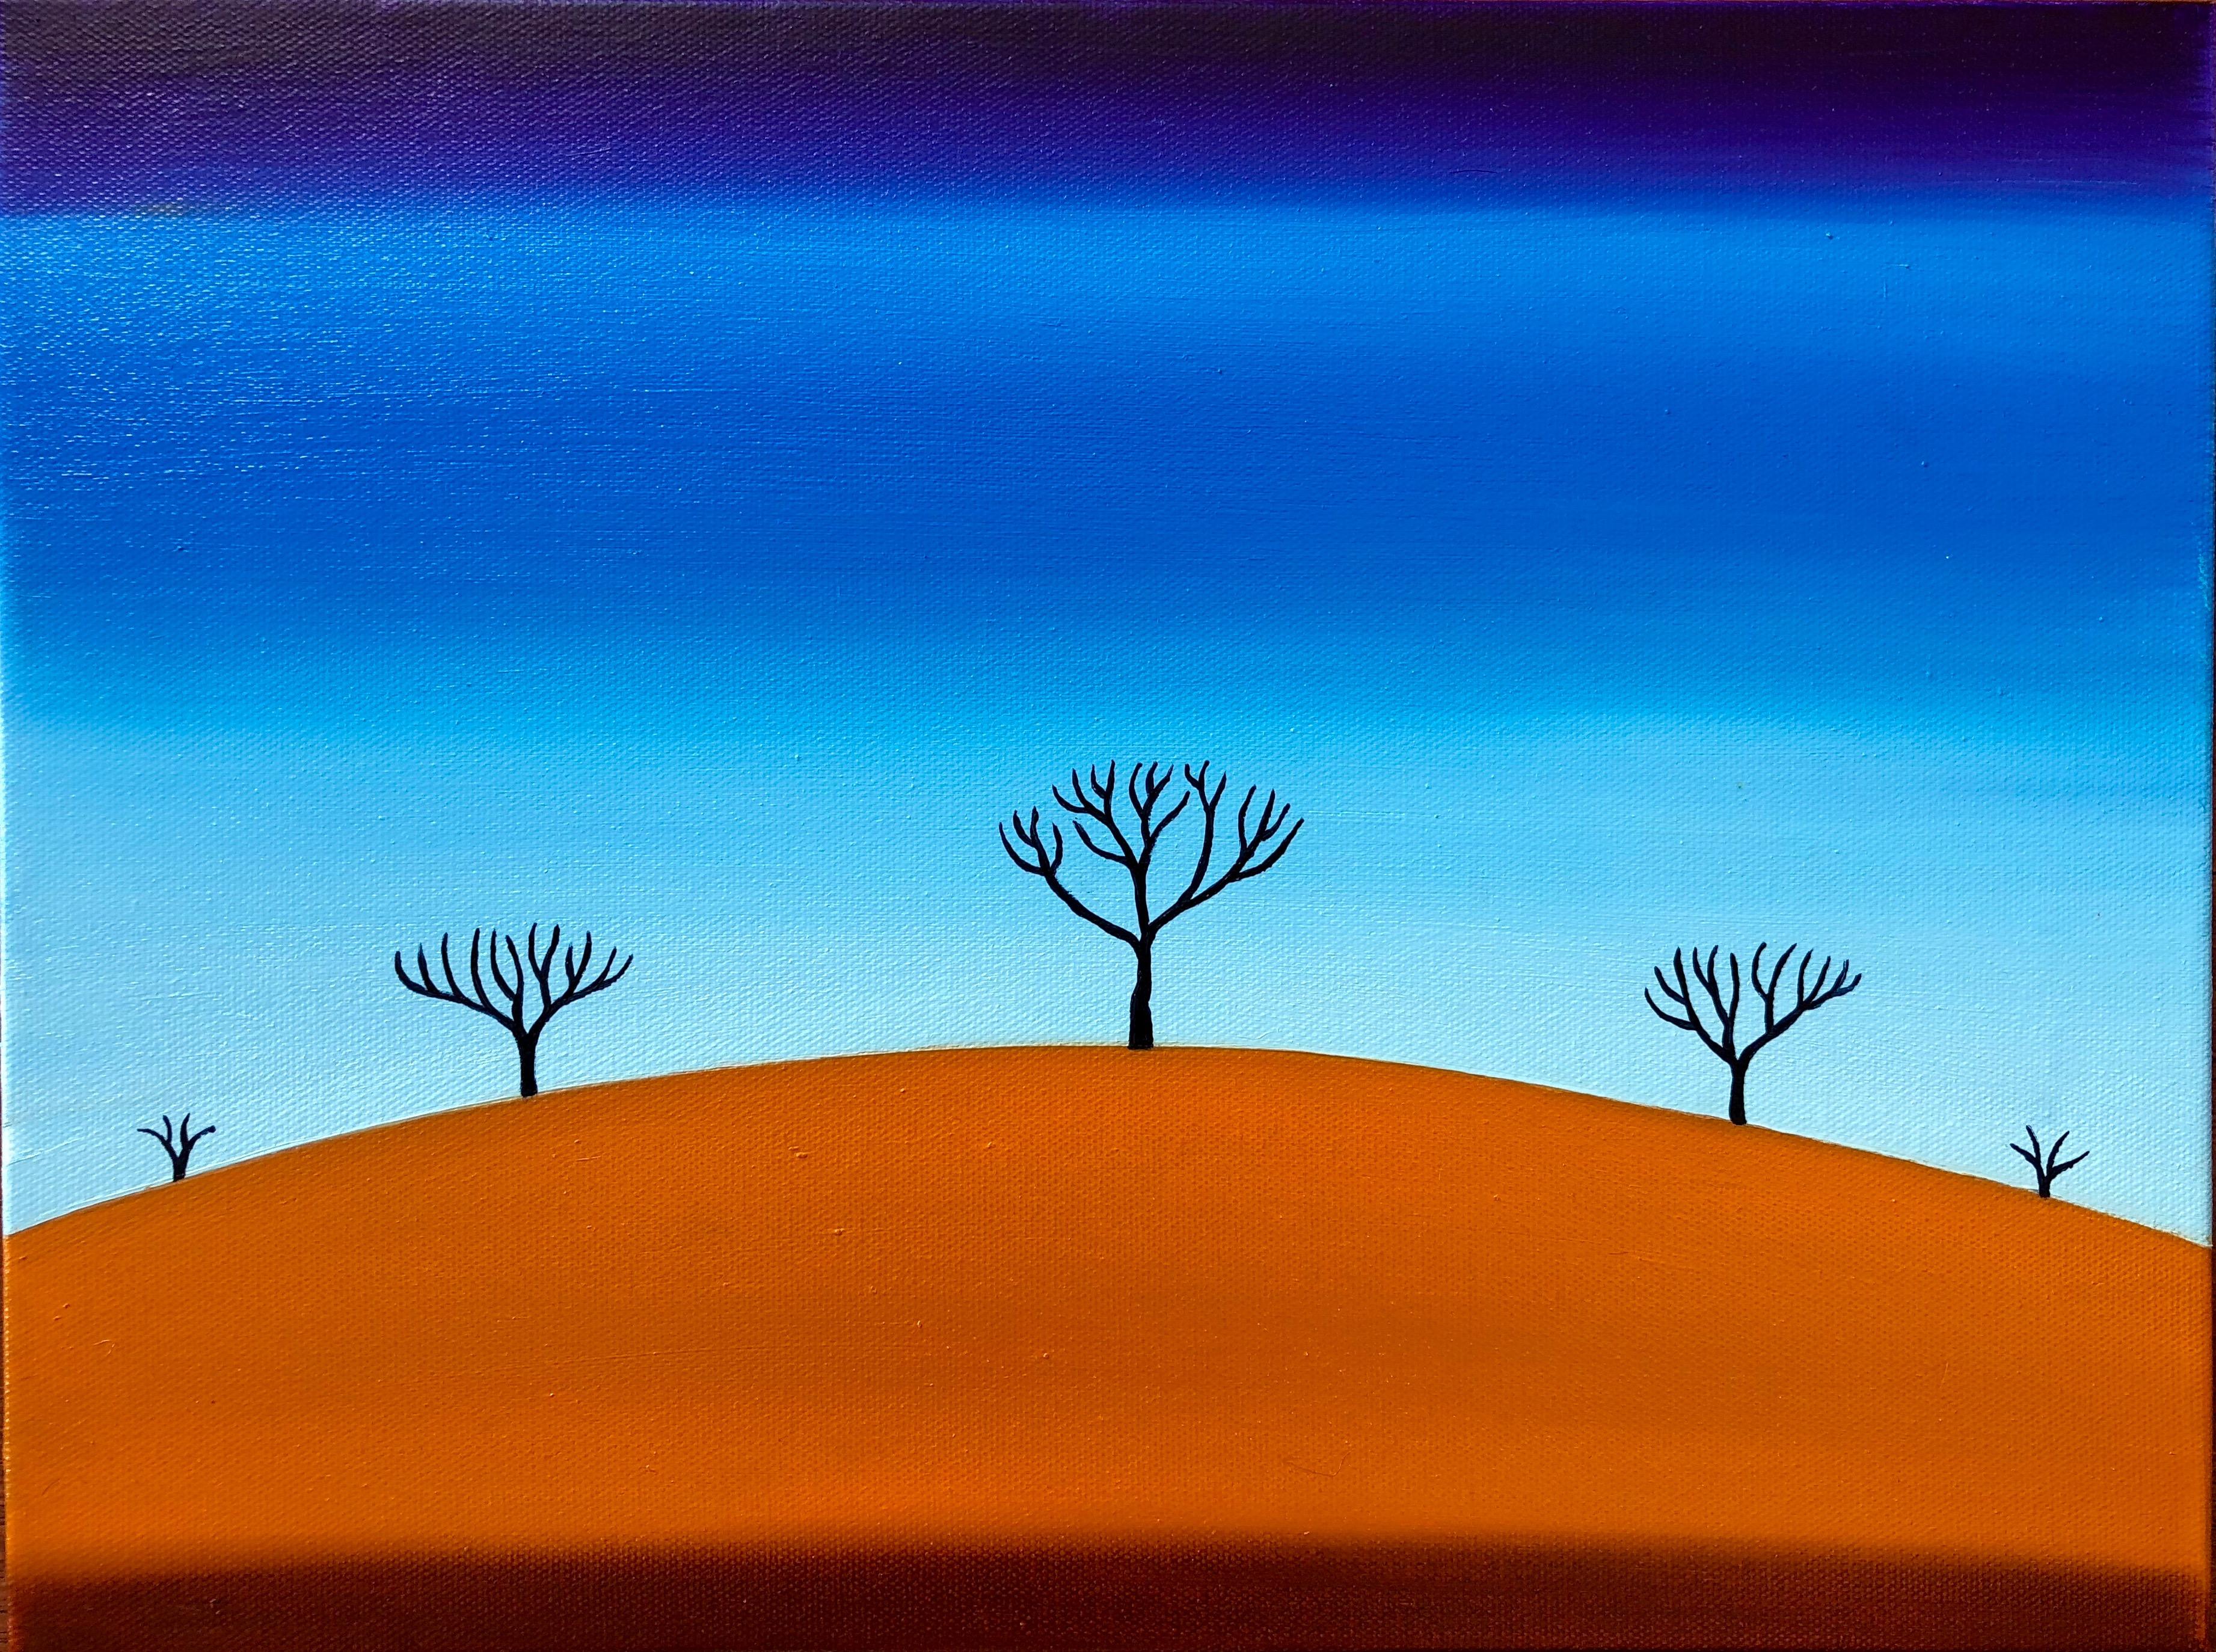 Sienna Hill - 45 x 35 cm - SOLD